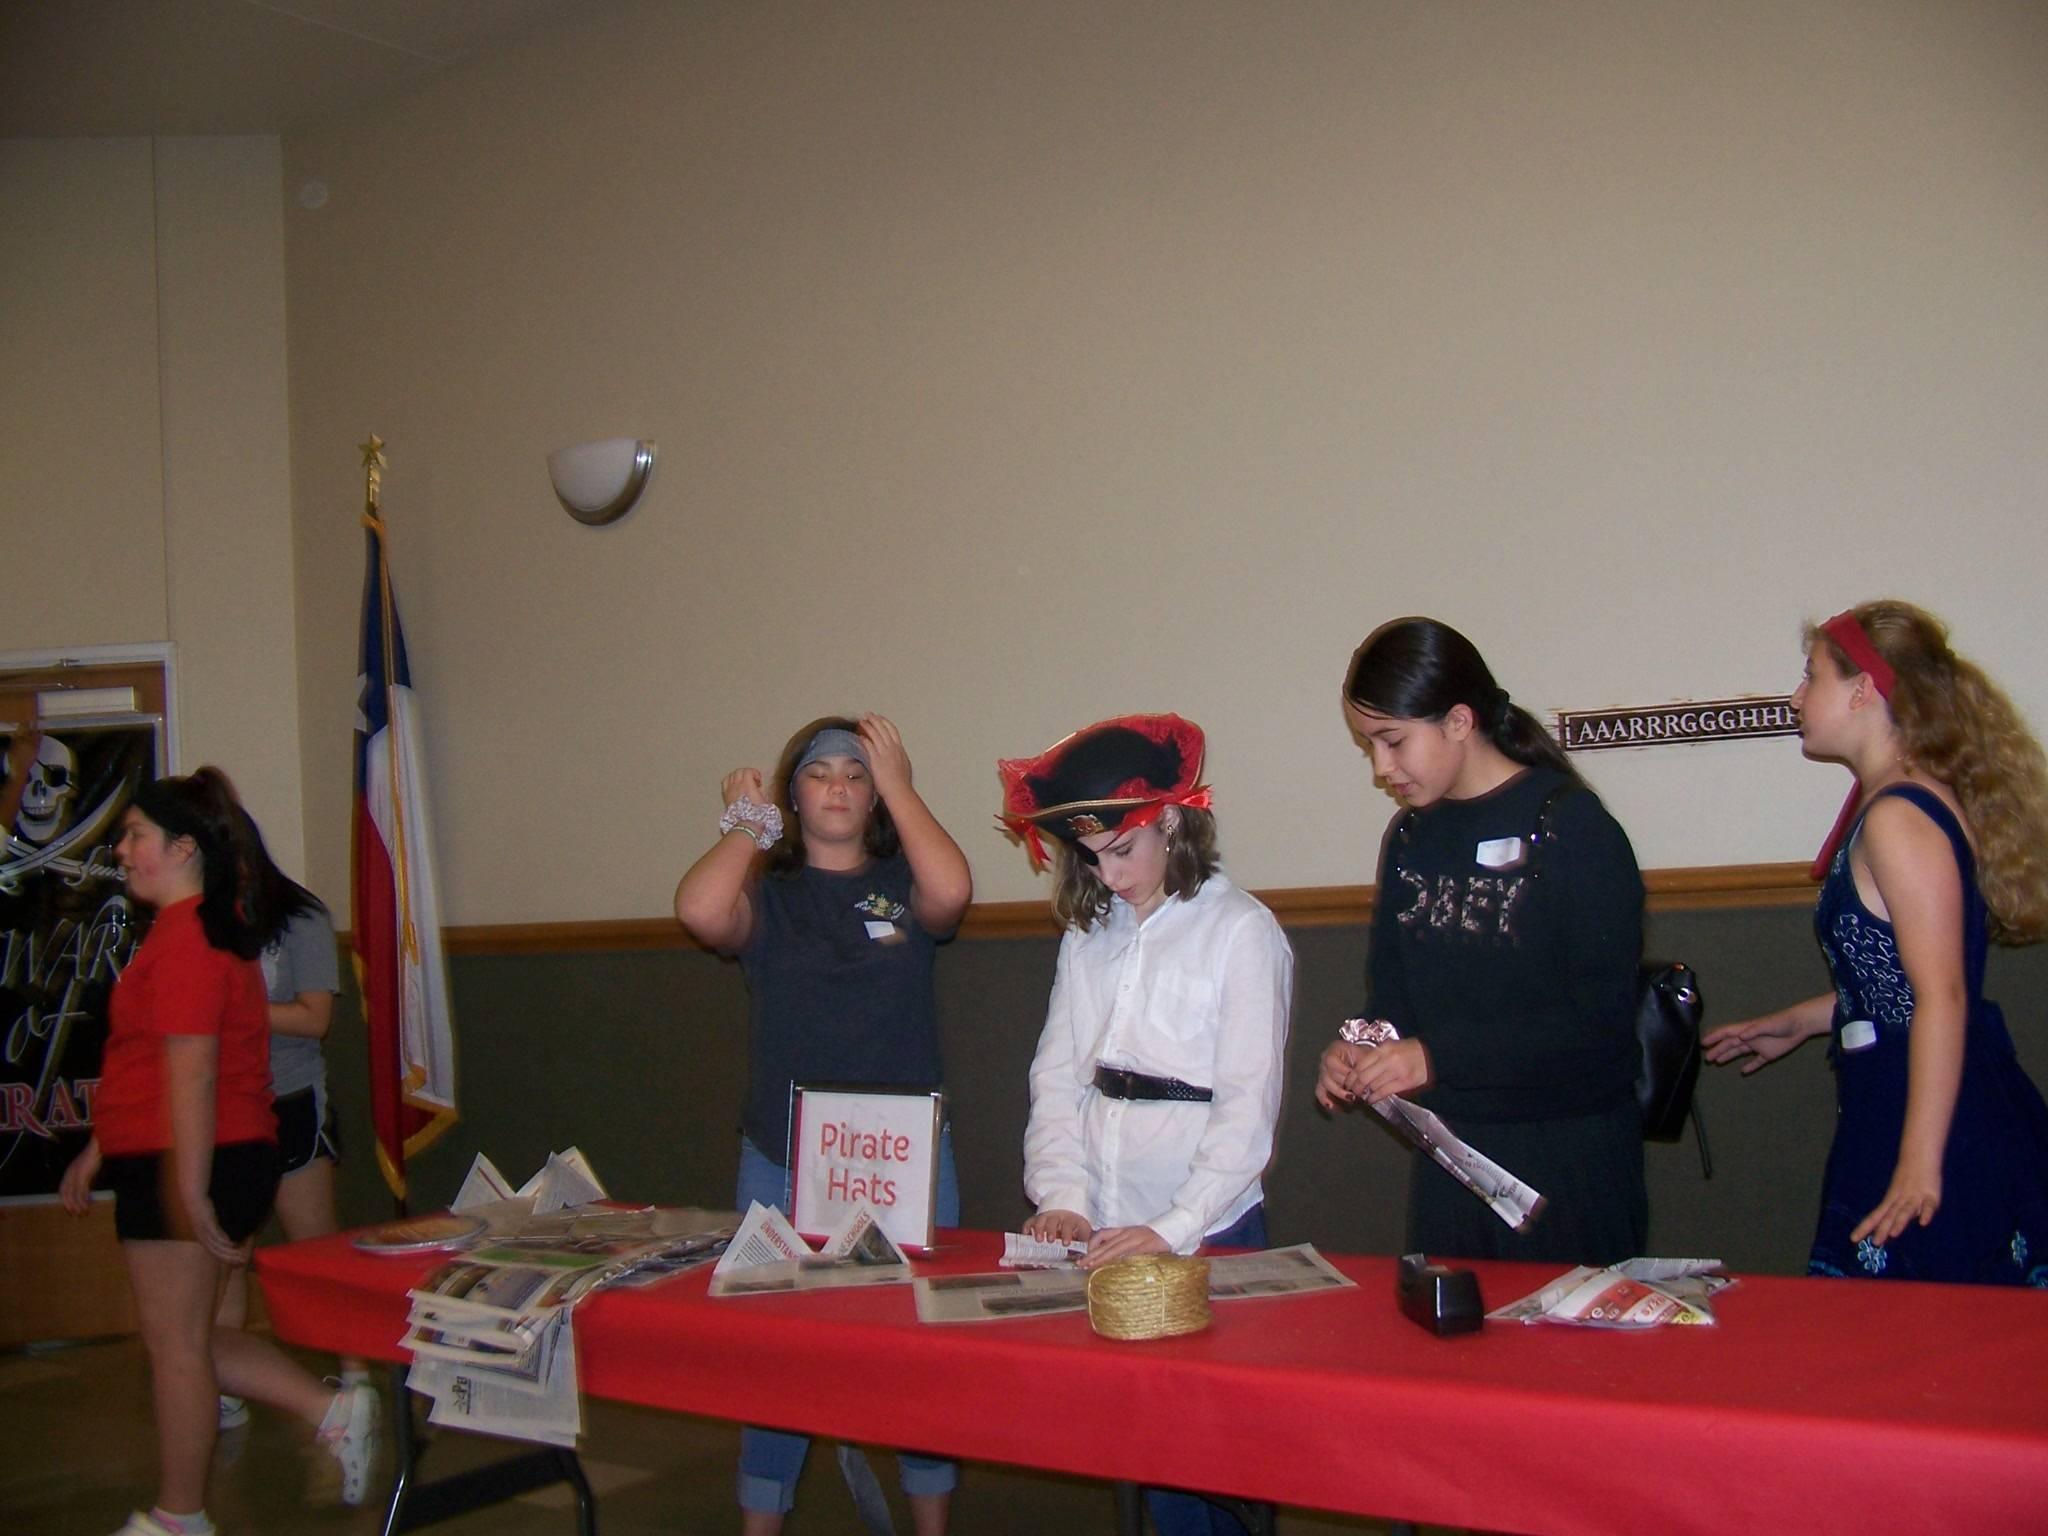 Sailor hat station